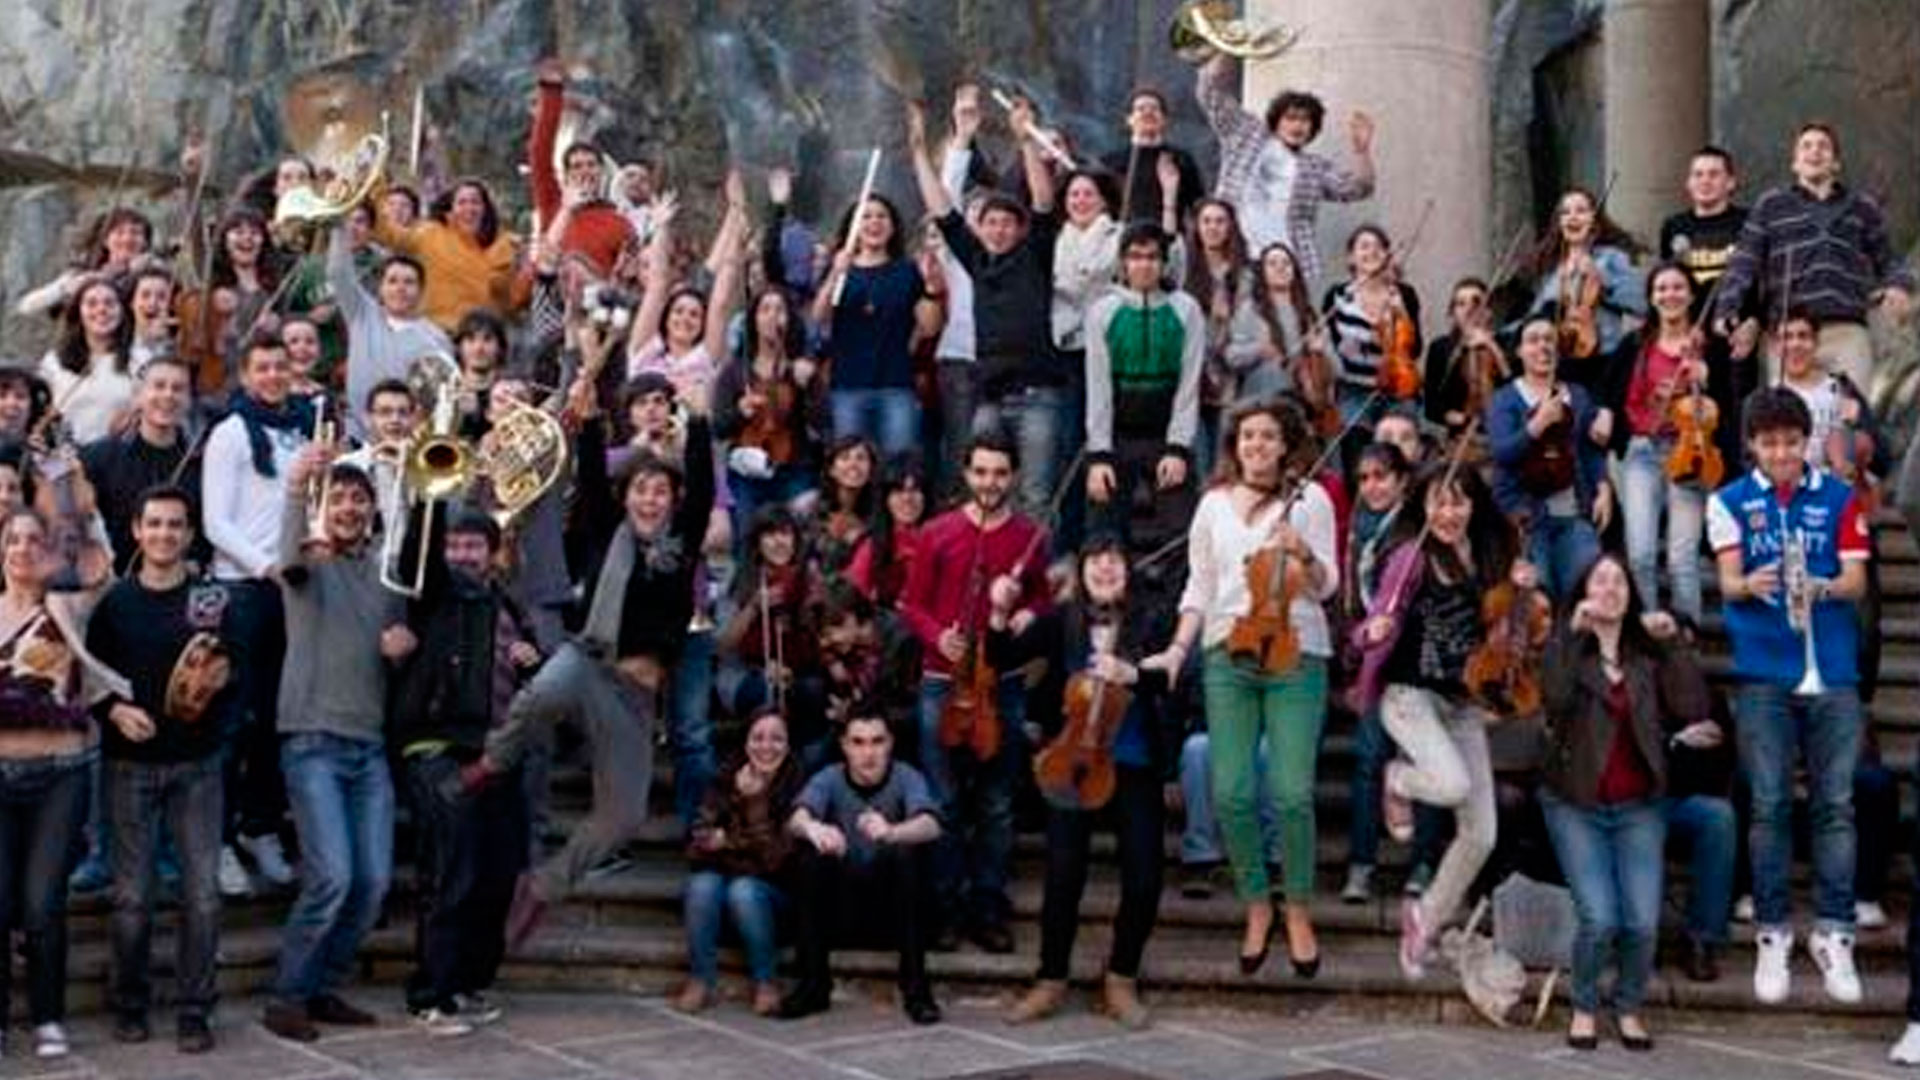 El concierto en familia A frauta máxica no maxín, un concierto de la Orquesta de Niños y una sesión con solistas de la misma cierran el curso del programa didáctico de la Sinfónica de Galicia SonFuturo